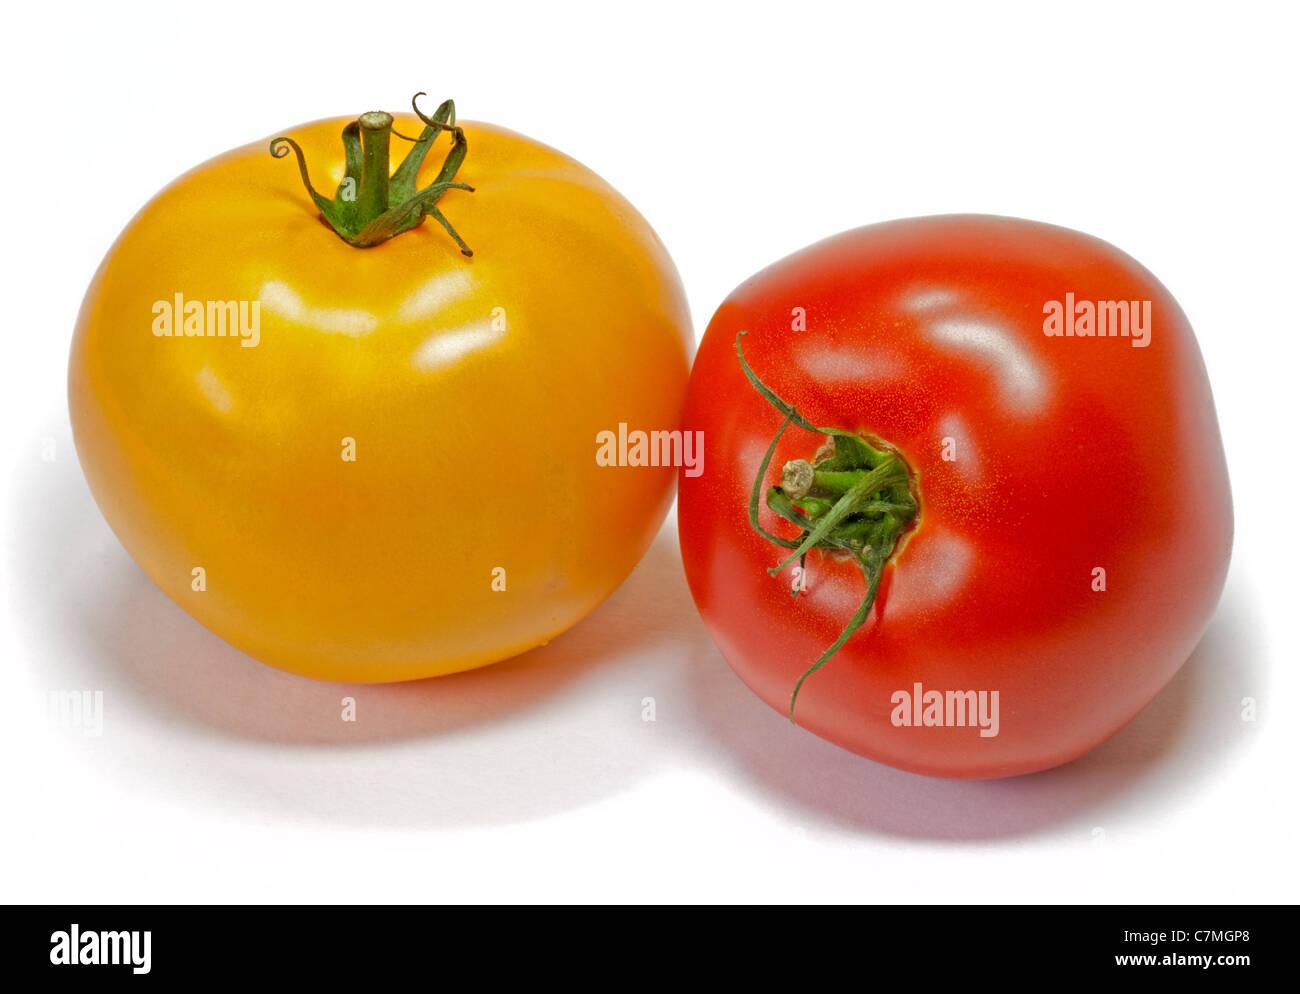 Tomates Beefsteak jaune et rouge Photo Stock